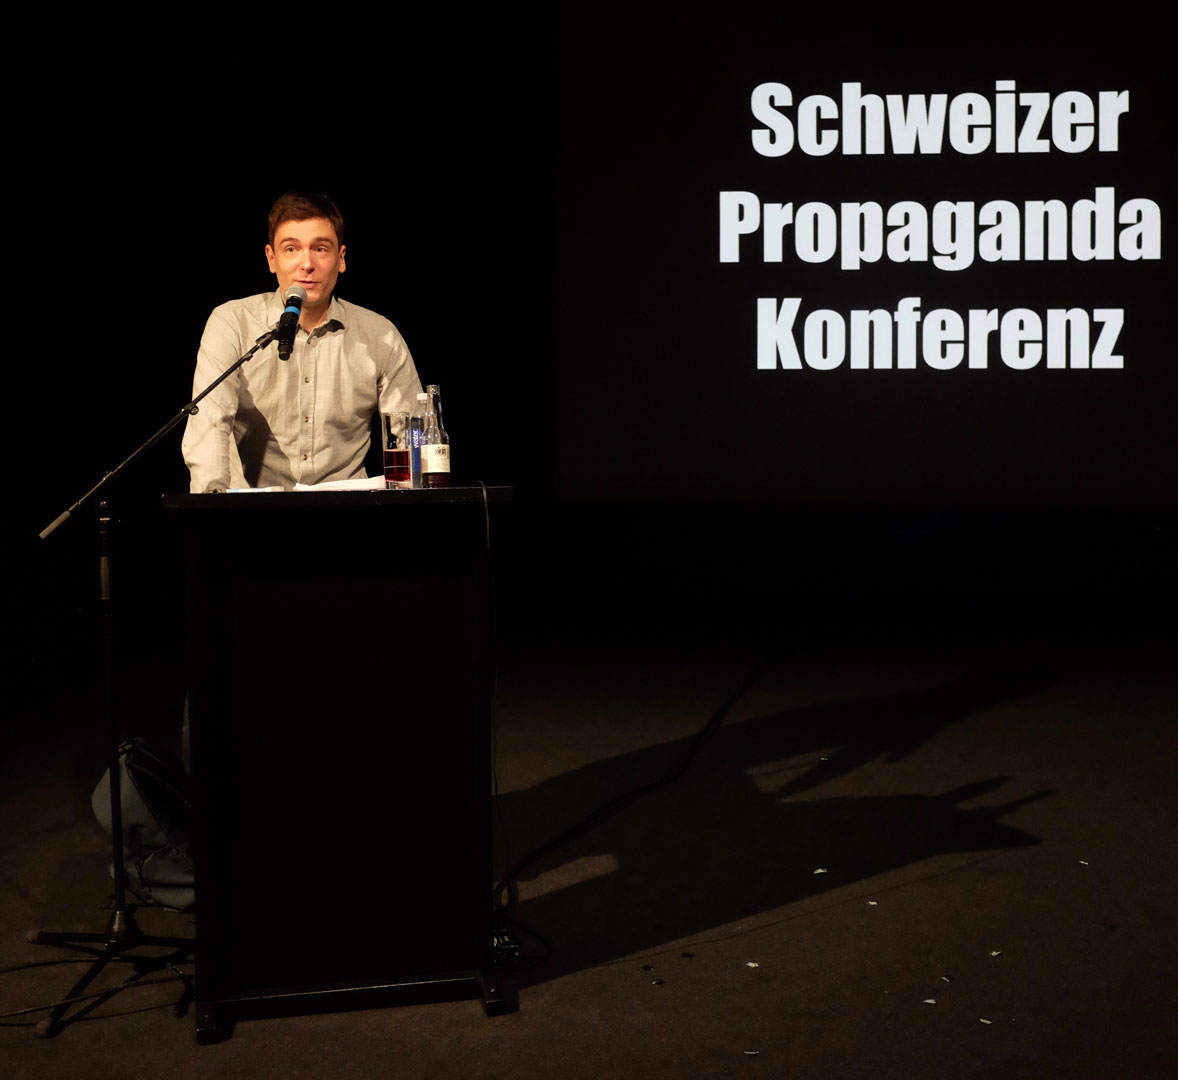 Schweizer Propagandakonferenz